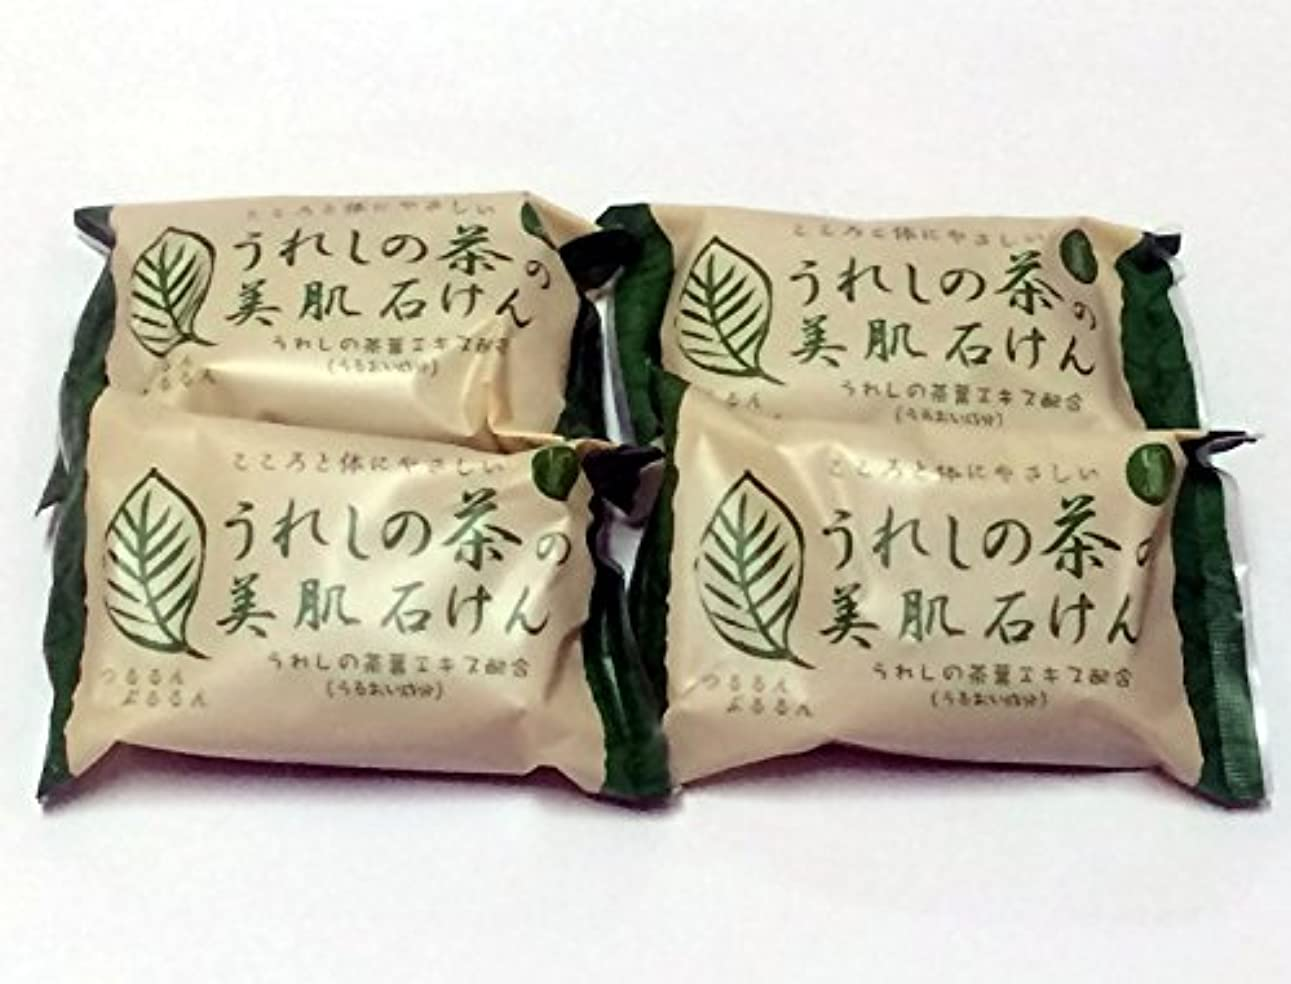 語手つかずのトマト日本三大美肌の湯嬉野温泉 うれしの茶の美肌石けん4個セット